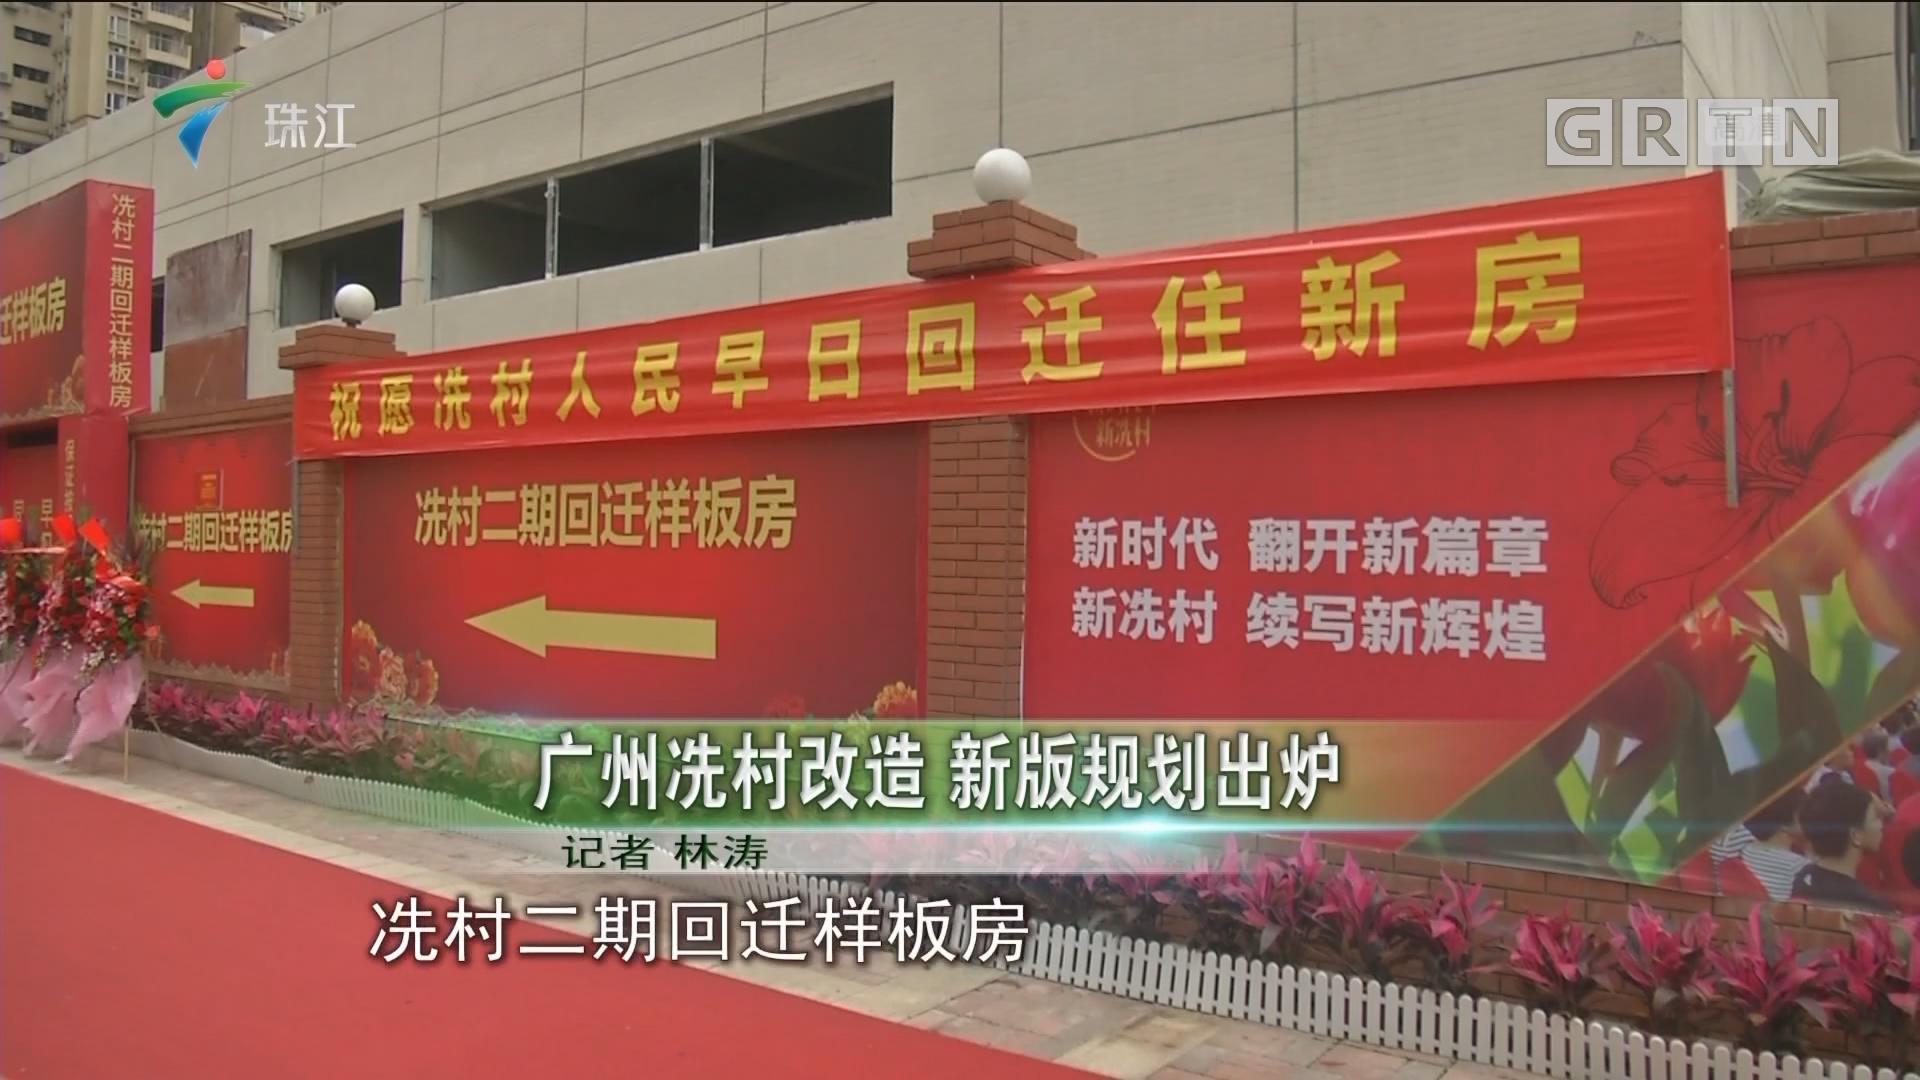 广州冼村改造 新版规划出炉